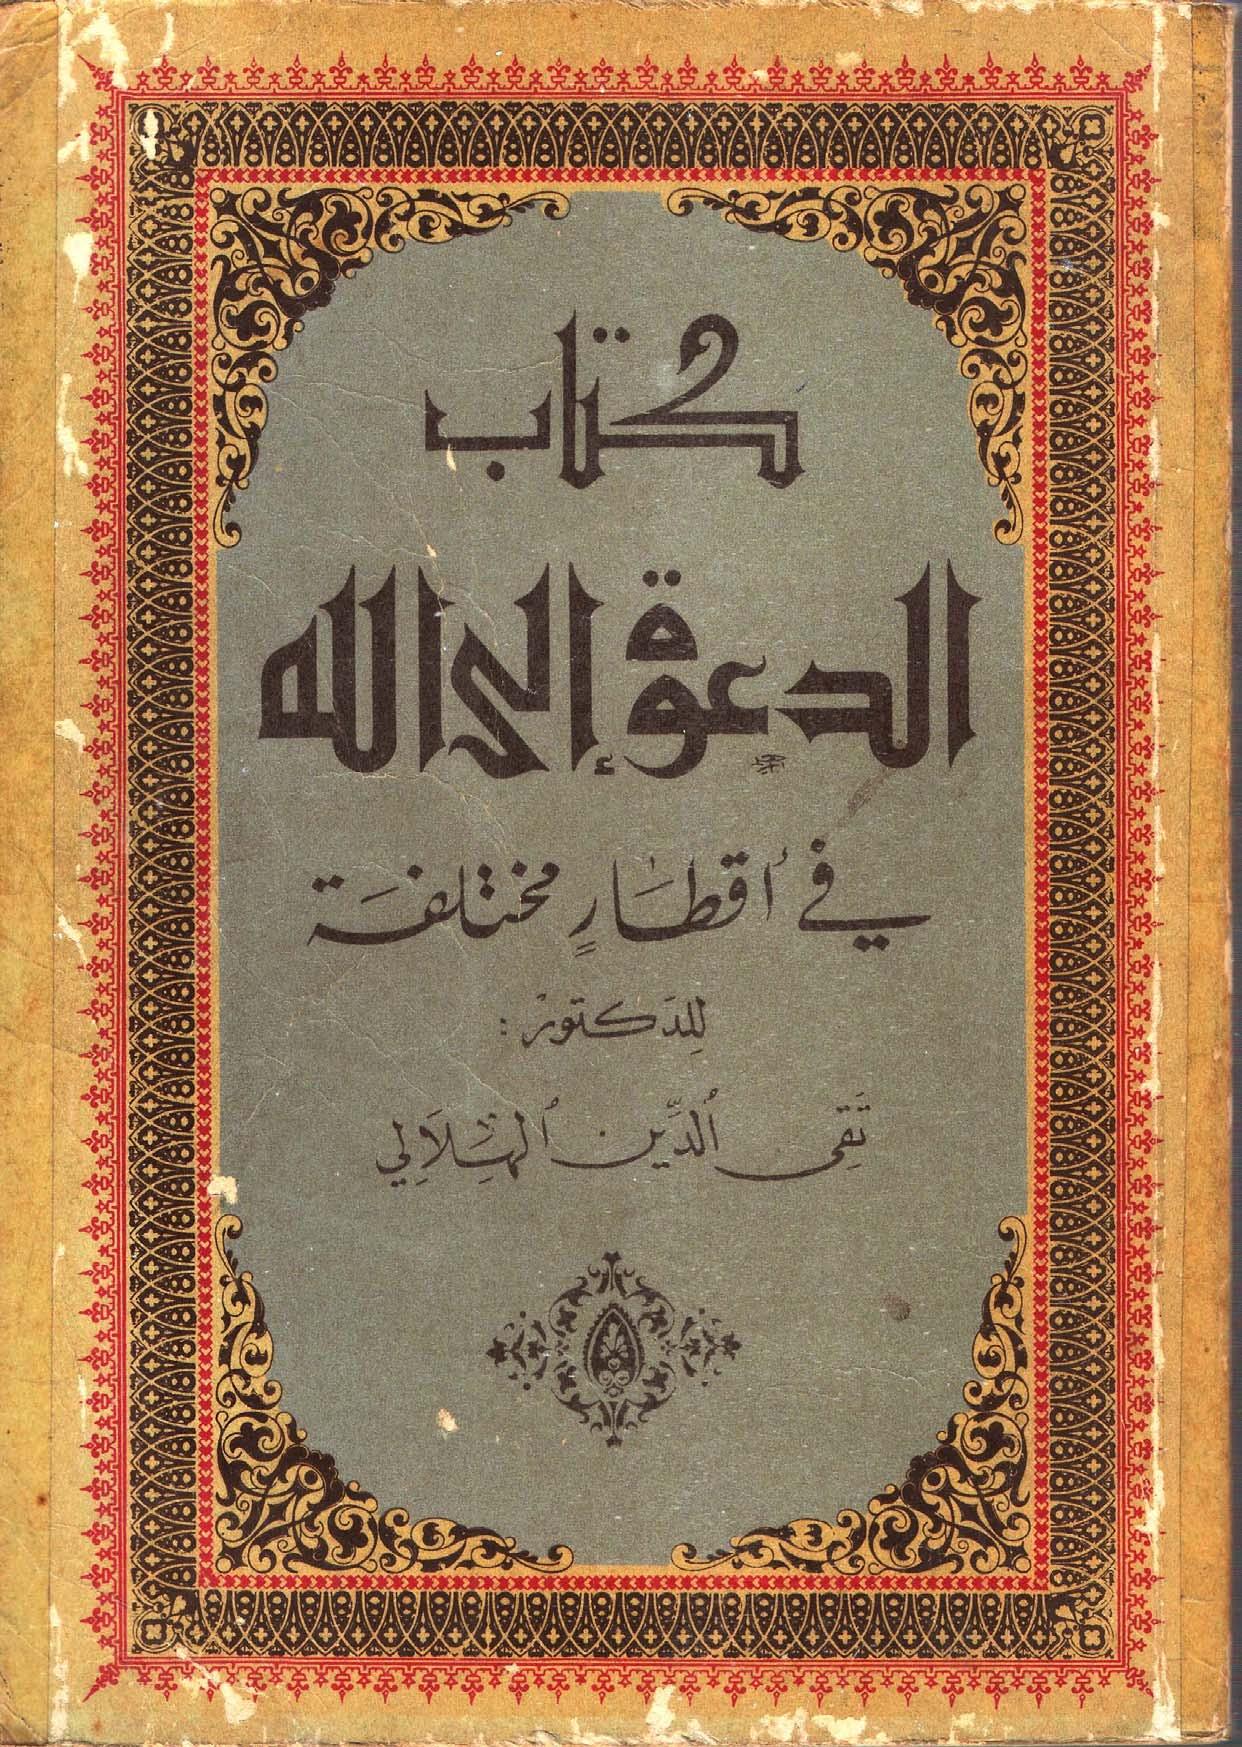 كتاب الدعوة إلى الله في أقطار مختلفة